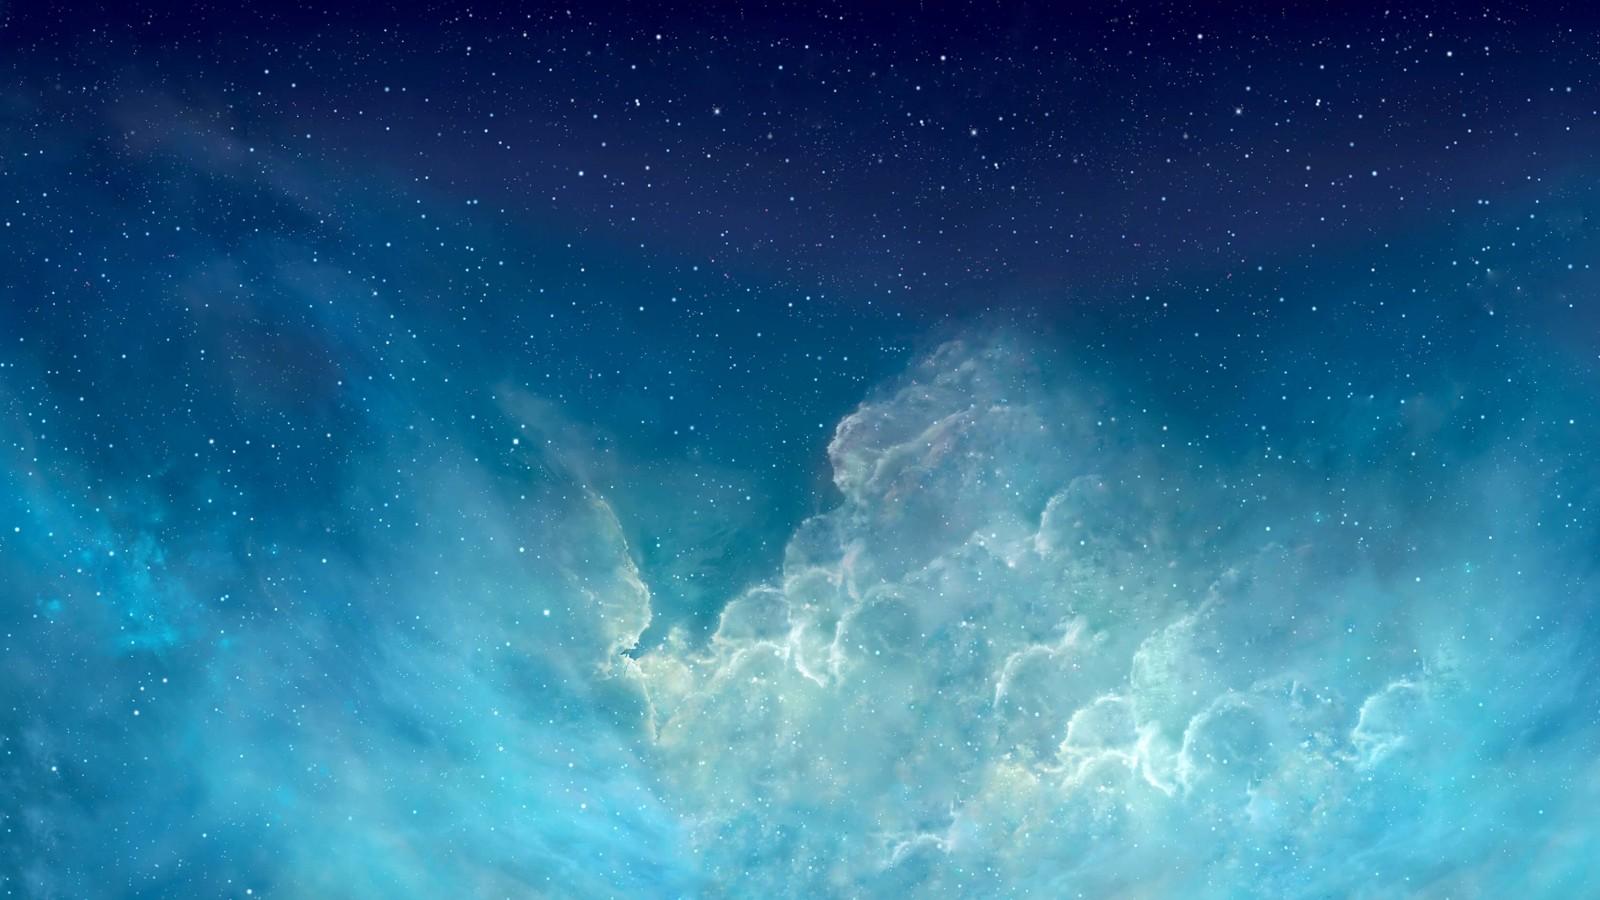 ios 7 nebula wallpaper hd - photo #7